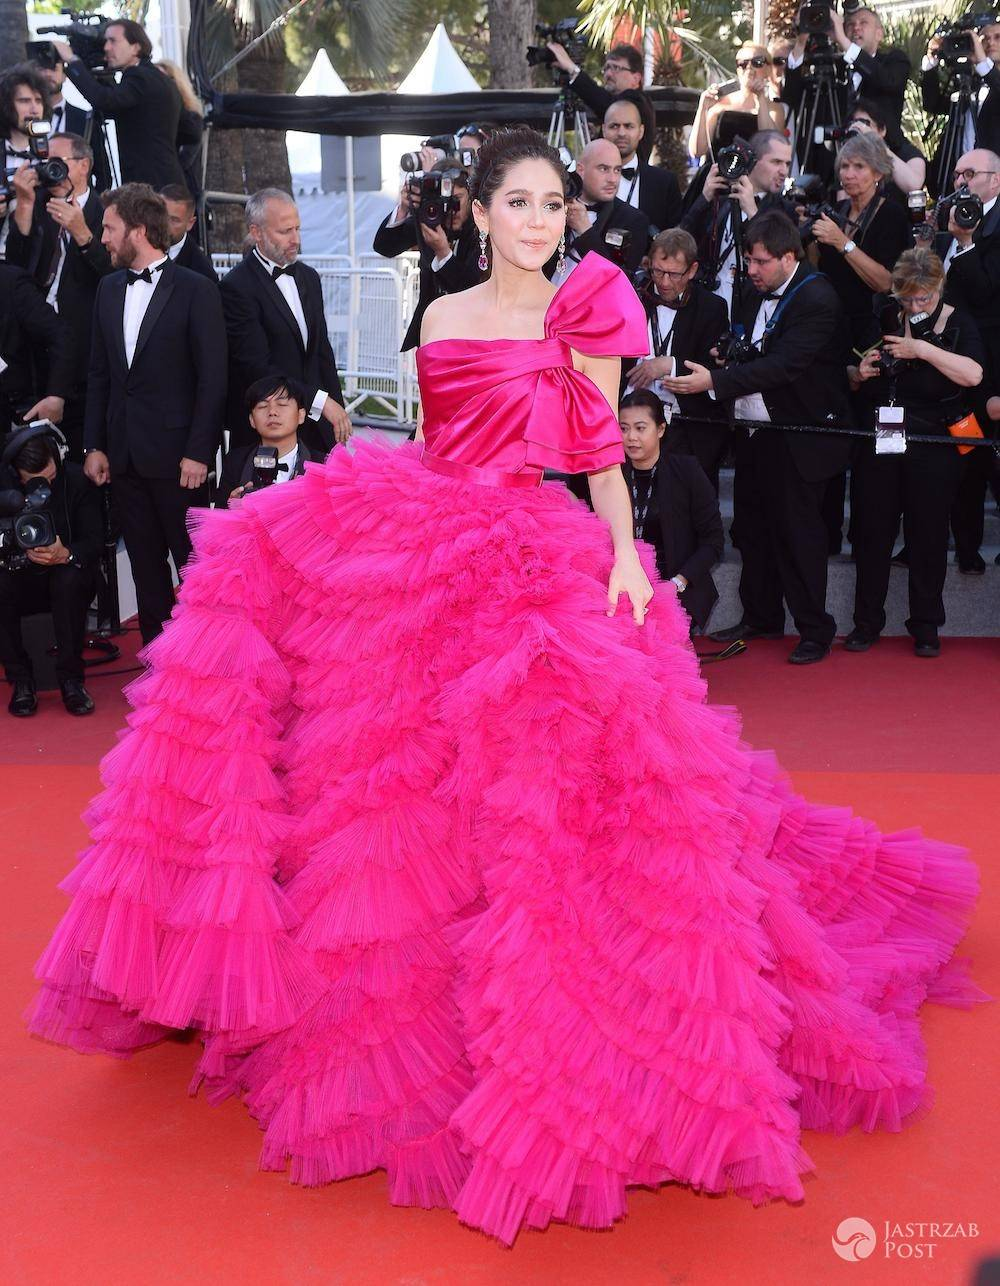 Araya Hargate - Cannes 2017, 120 battements par minute